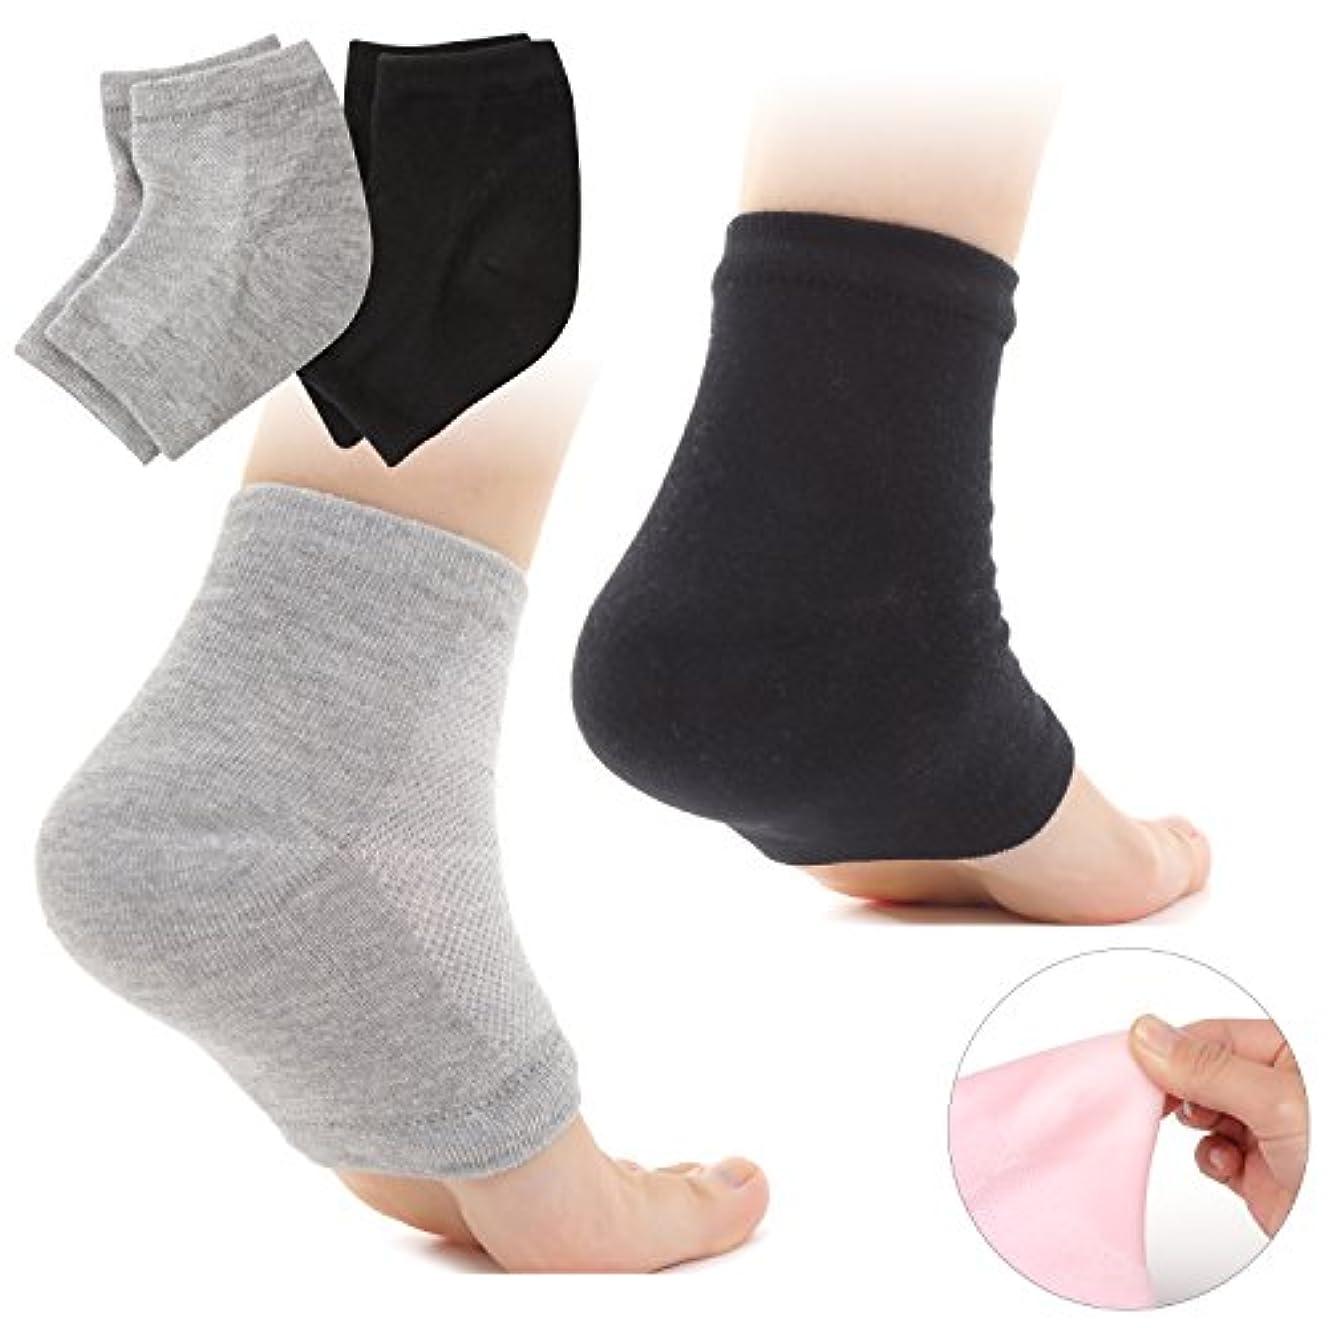 寝室選ぶクールMuiles かかと 靴下 ソックス 角質取り 保湿 ひび割れ かかとケア レディース メンズ 男女兼用【1足~3足】(2足セット グレー、ブラック)